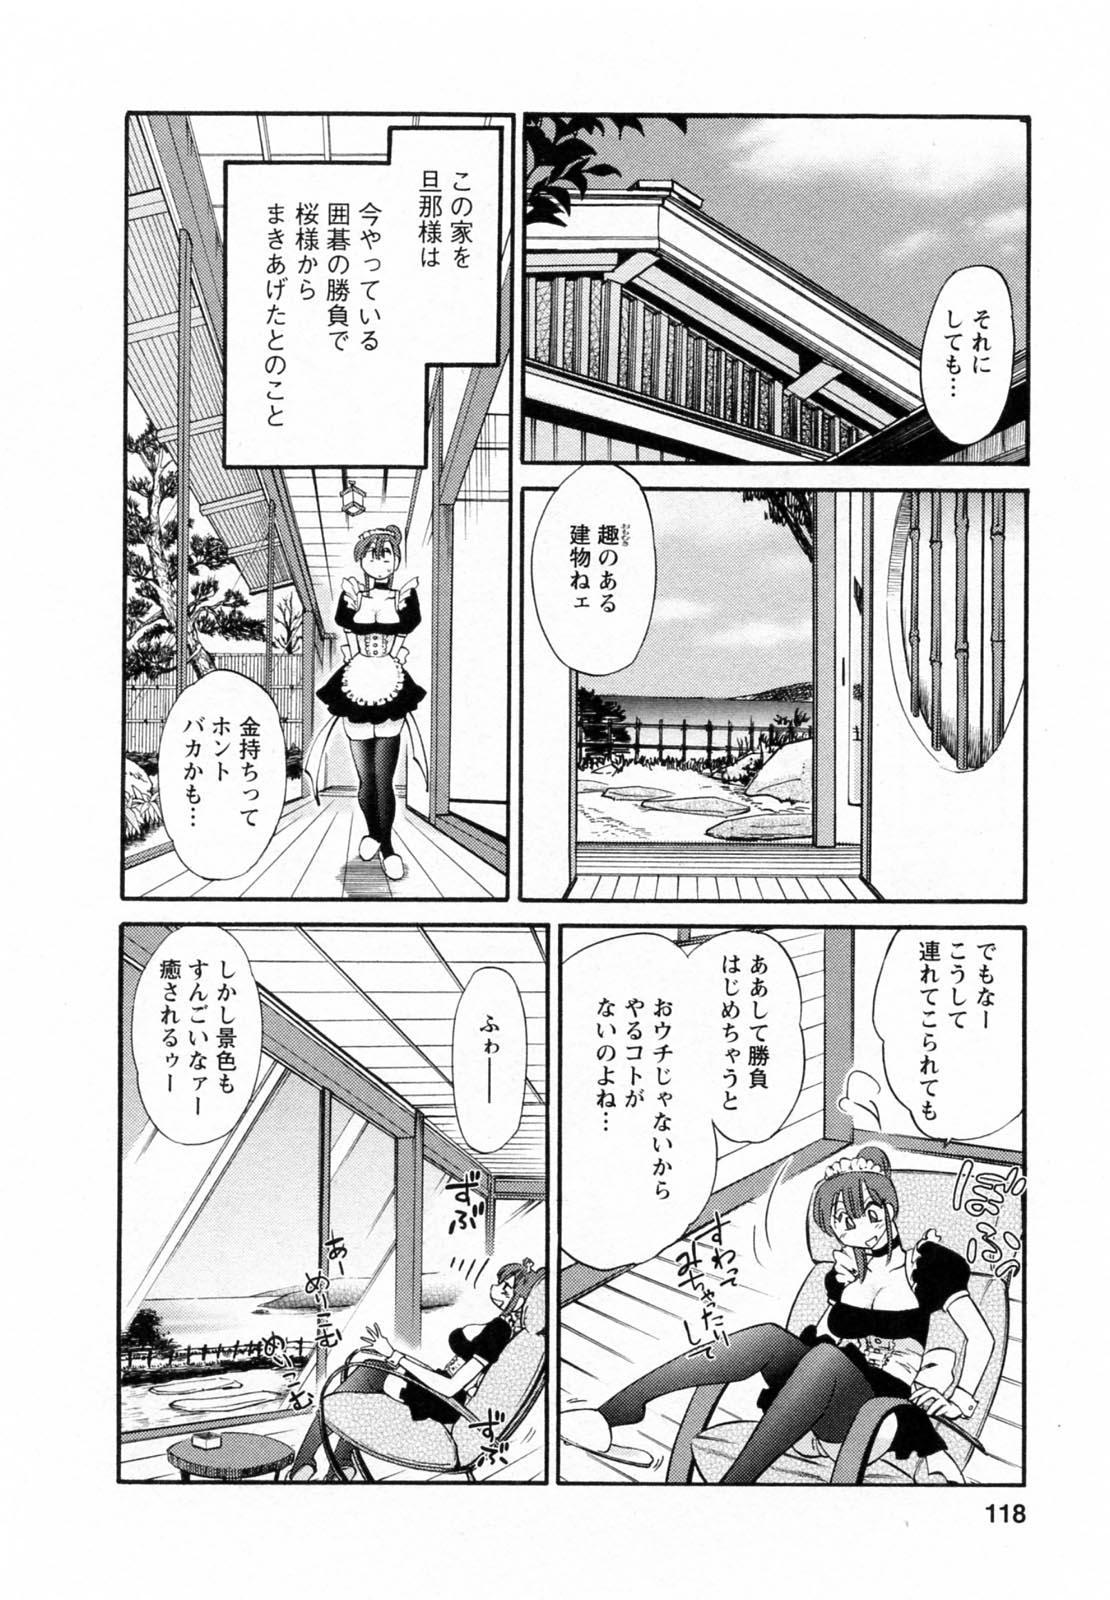 Maid no Mitsukosan Vol.1 117